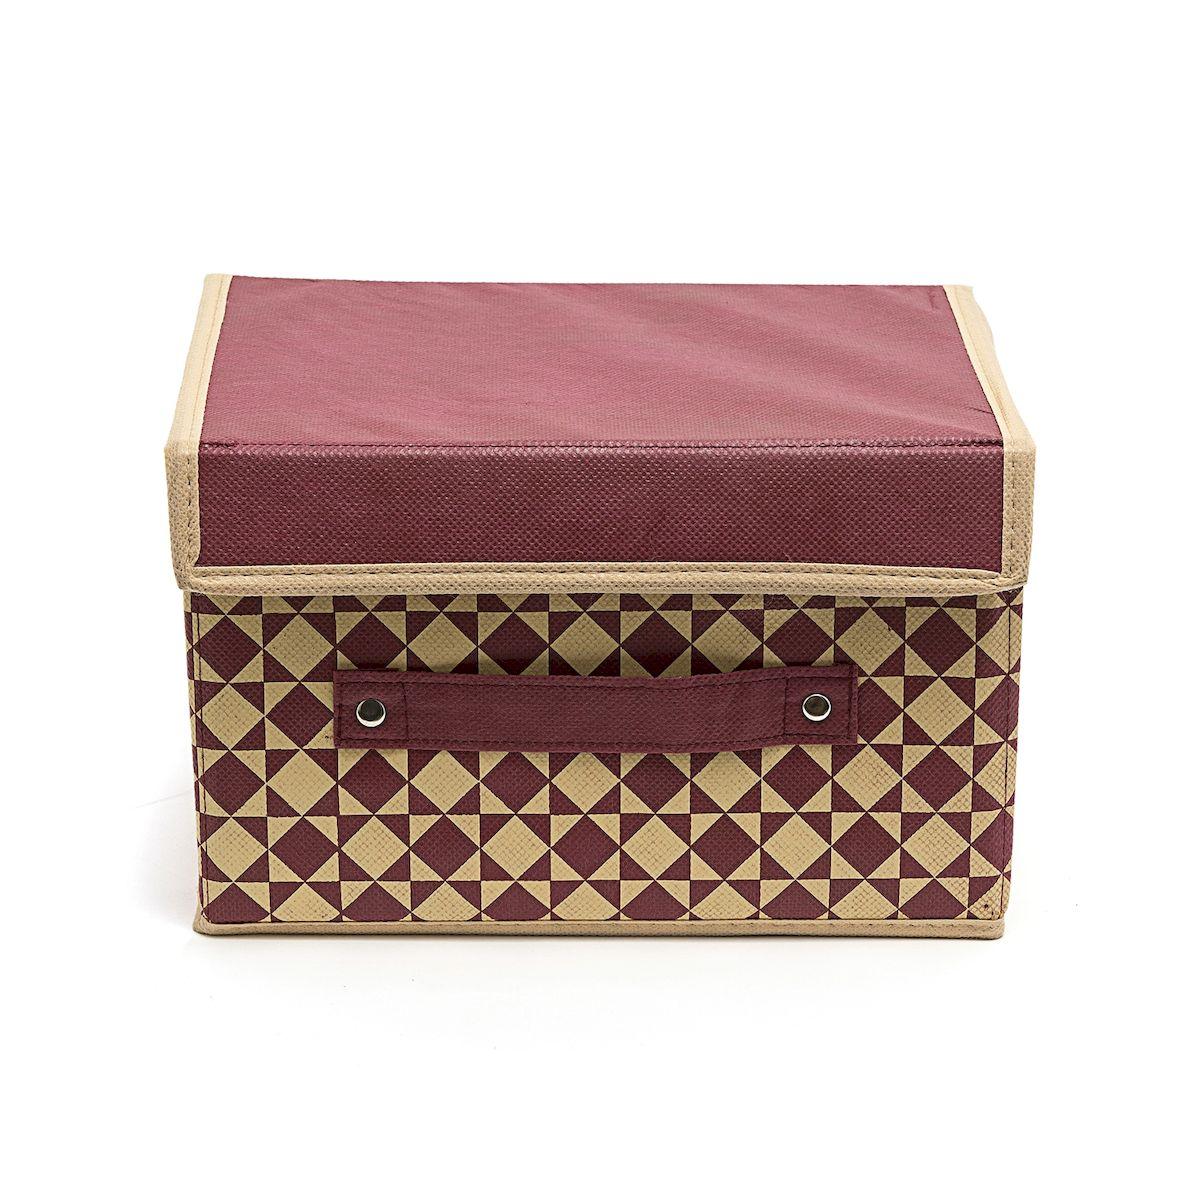 Коробка для хранения Homsu Bordo, 19 х 25 х 16 смHOM-395Вместительная коробка для хранения Homsu Bordo выполнена из плотного картона. Изделие обладает удобным размером и привлекательным дизайном, выполненным в приятной цветовой гамме. Внутри коробки можно хранить фотографии, ткани, принадлежности для хобби, памятные сувениры и многое другое. Крышка изделия удобно открывается и закрывается. Коробка для хранения Homsu Bordo станет незаменимой помощницей в путешествиях.